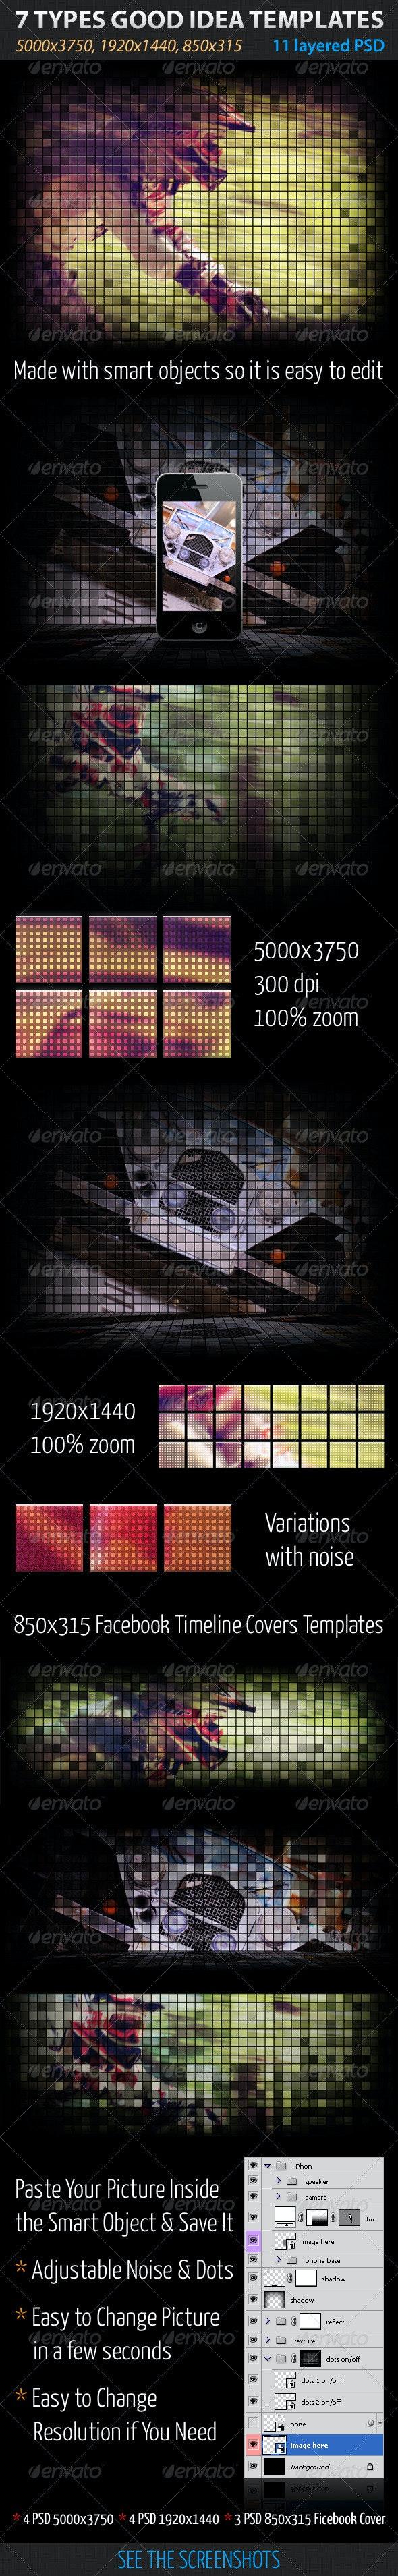 7 Types Good Idea Templates - Tech / Futuristic Photo Templates